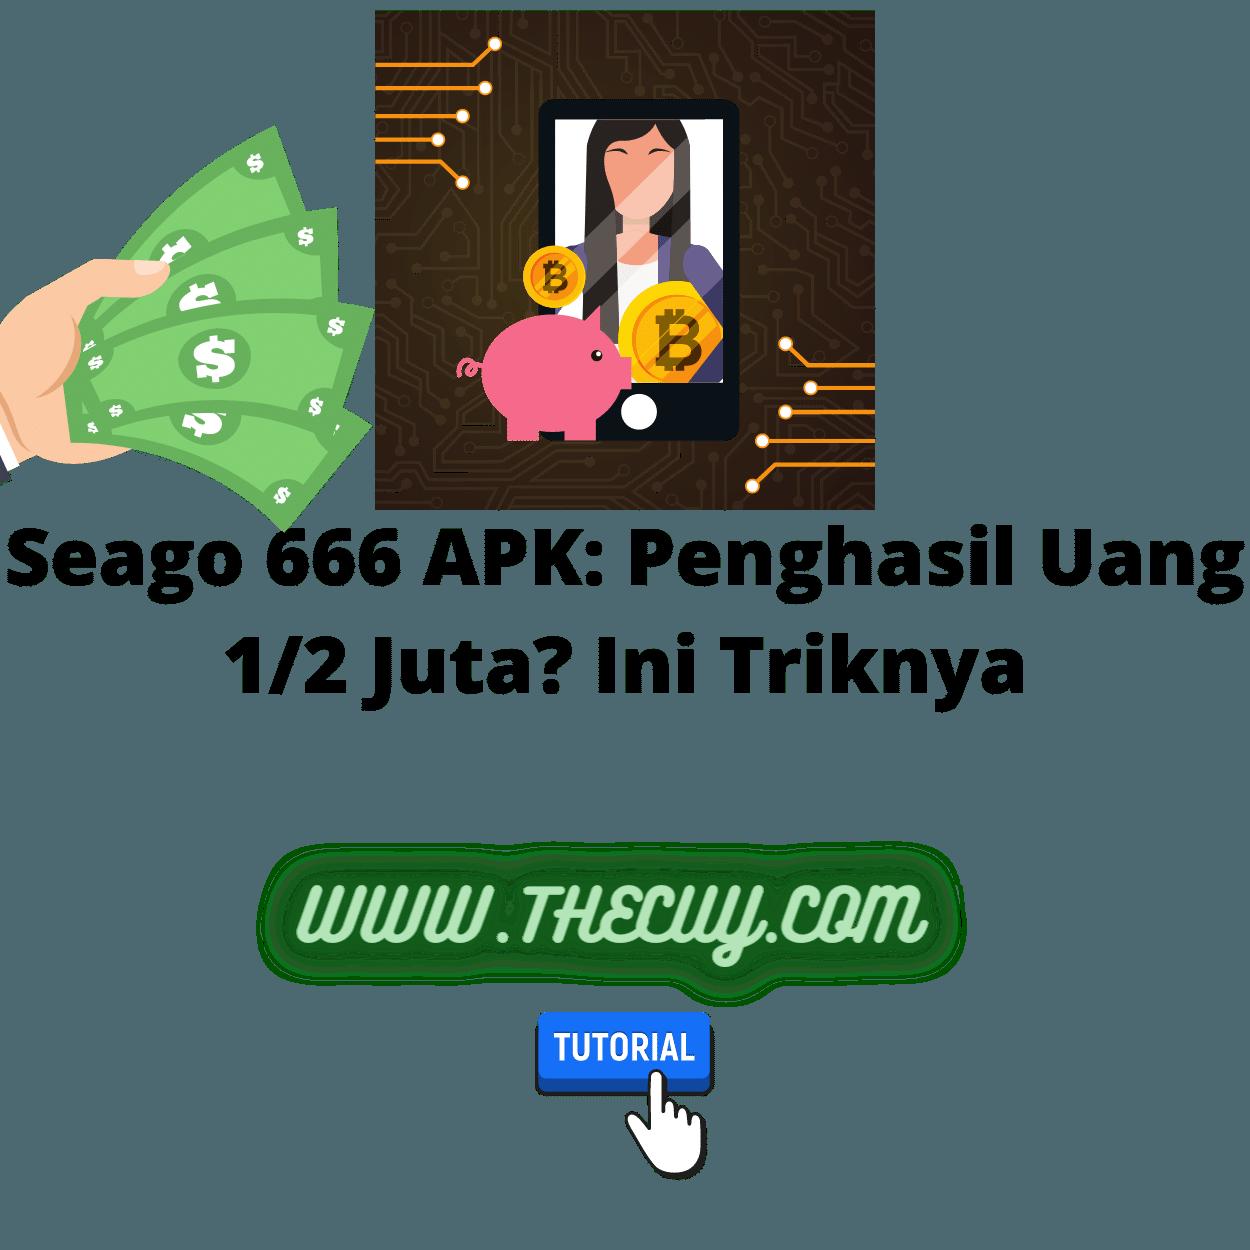 Seago 666 APK: Penghasil Uang 1/2 Juta? Ini Triknya